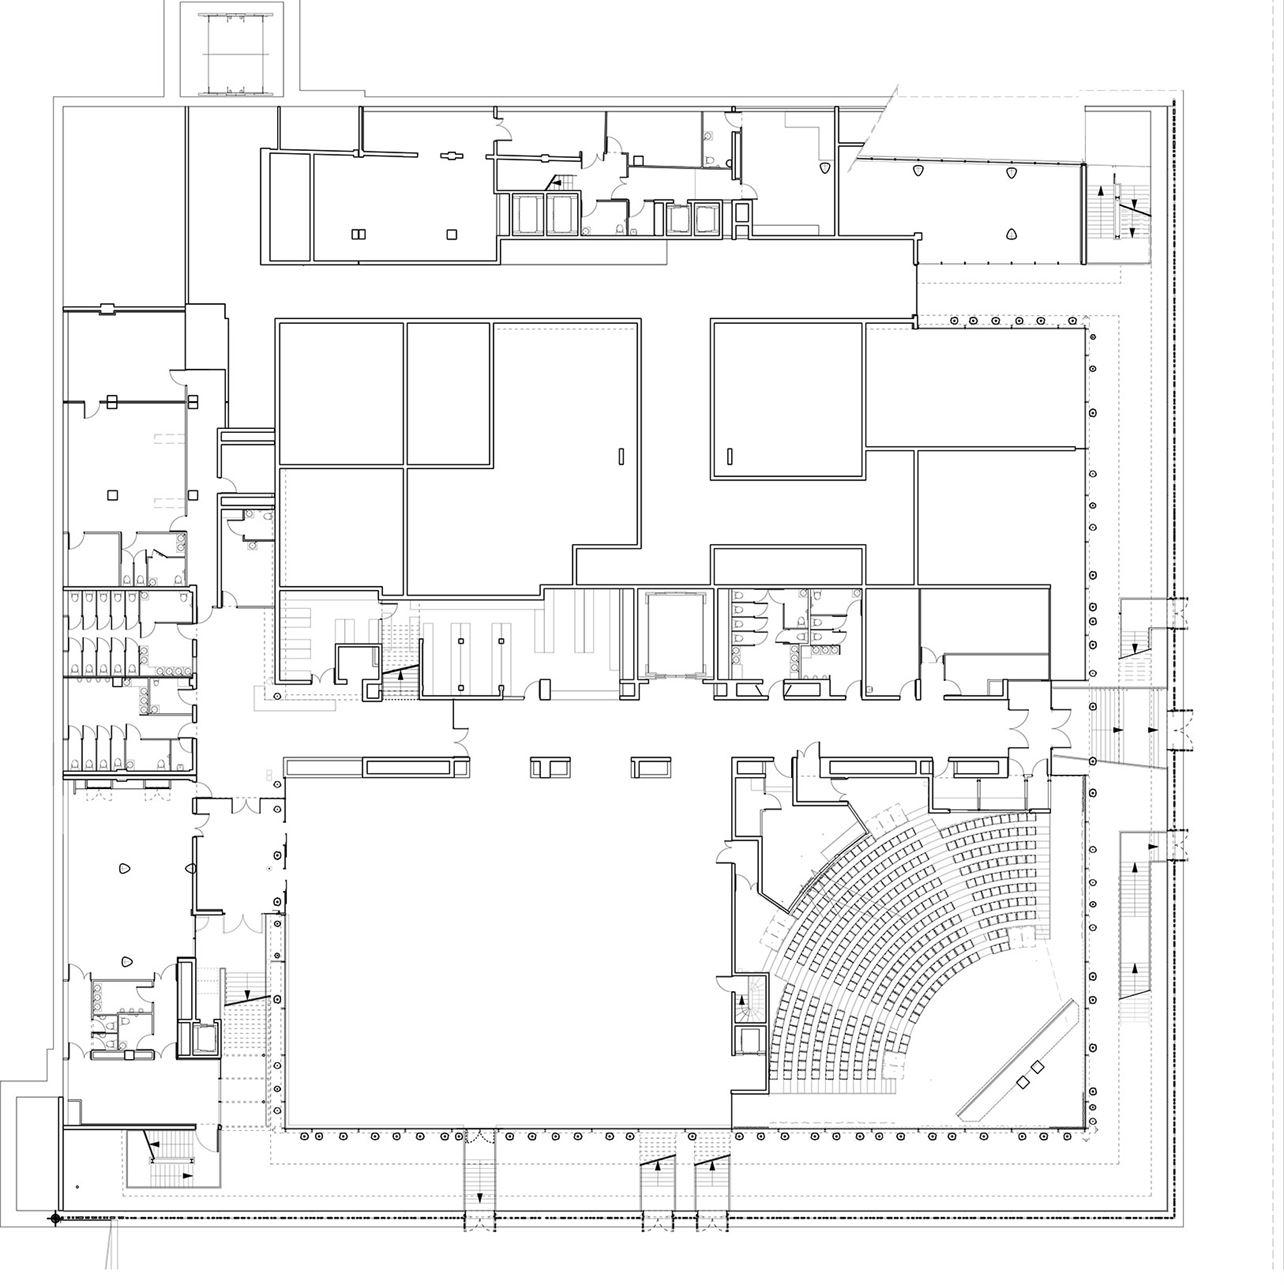 קומת הקרקע התחוּמה בריבוע פשוט. חתך האורך מראה את עיצוב עמודי הבניין עם דימויים של גבעולים, צמחי מים, אצות או עצמות בעלי חיים ימיים